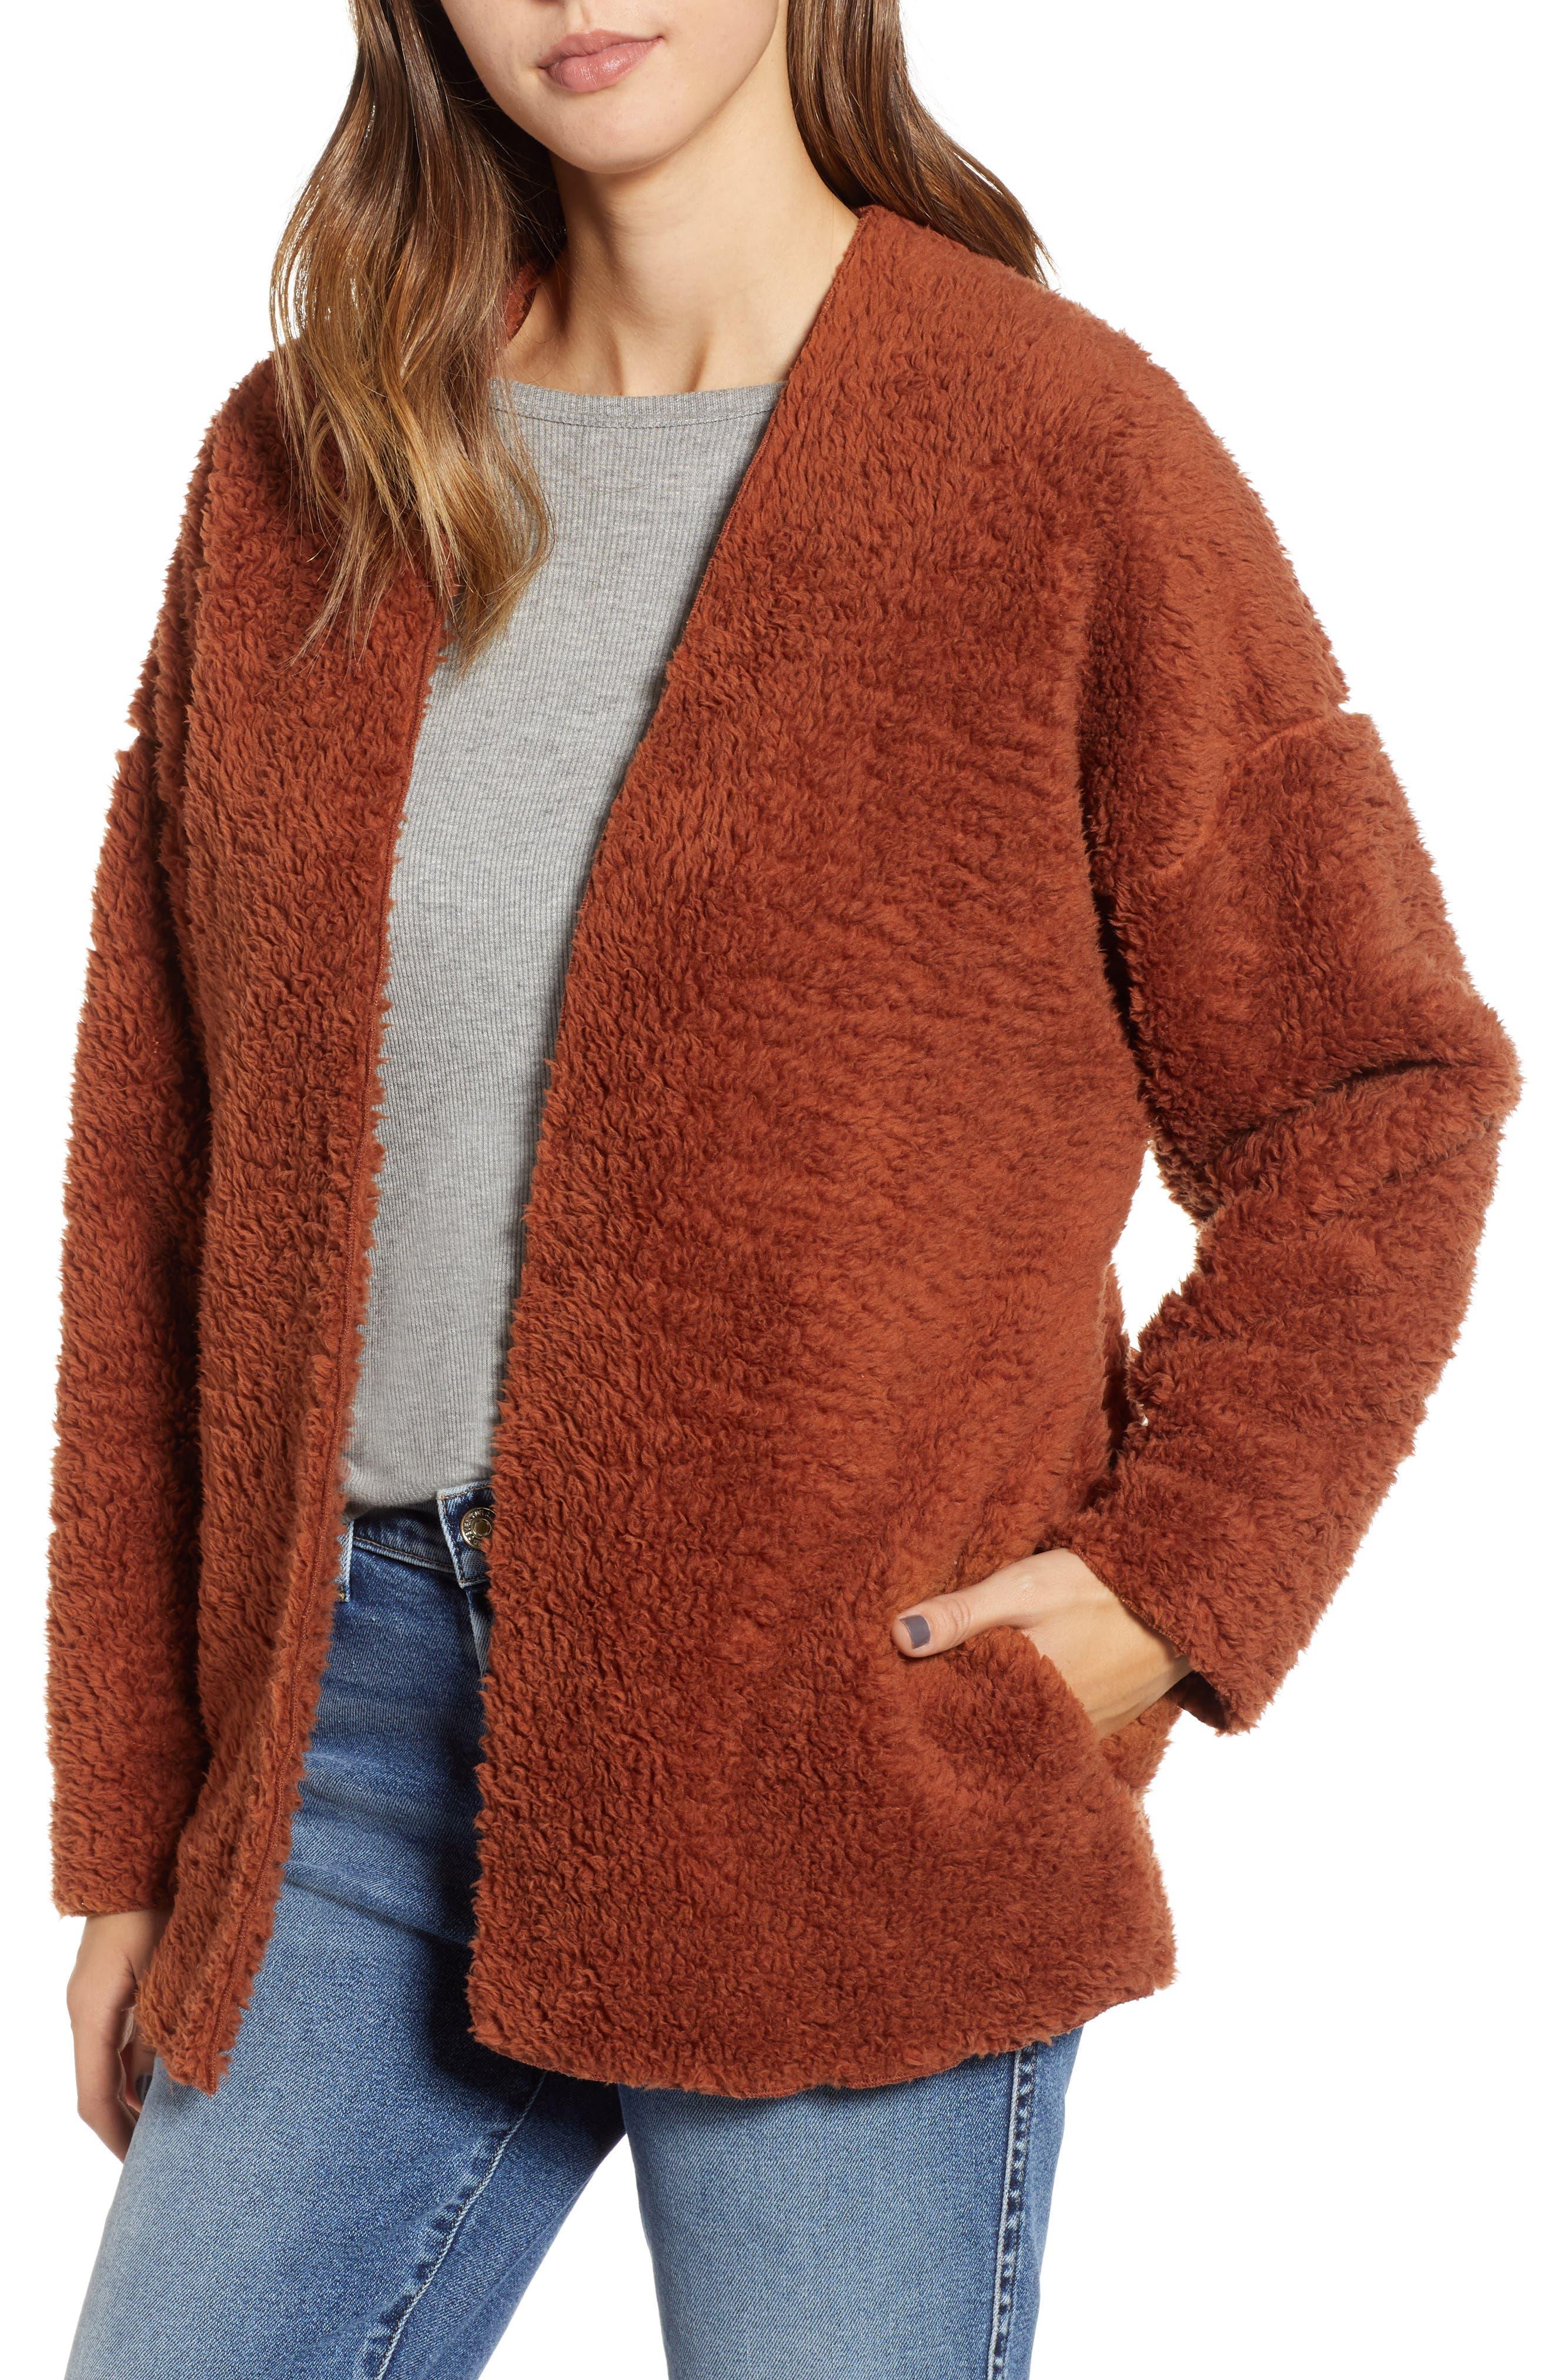 SOCIALITE Cozy High Pile Fleece Jacket, Main, color, 200